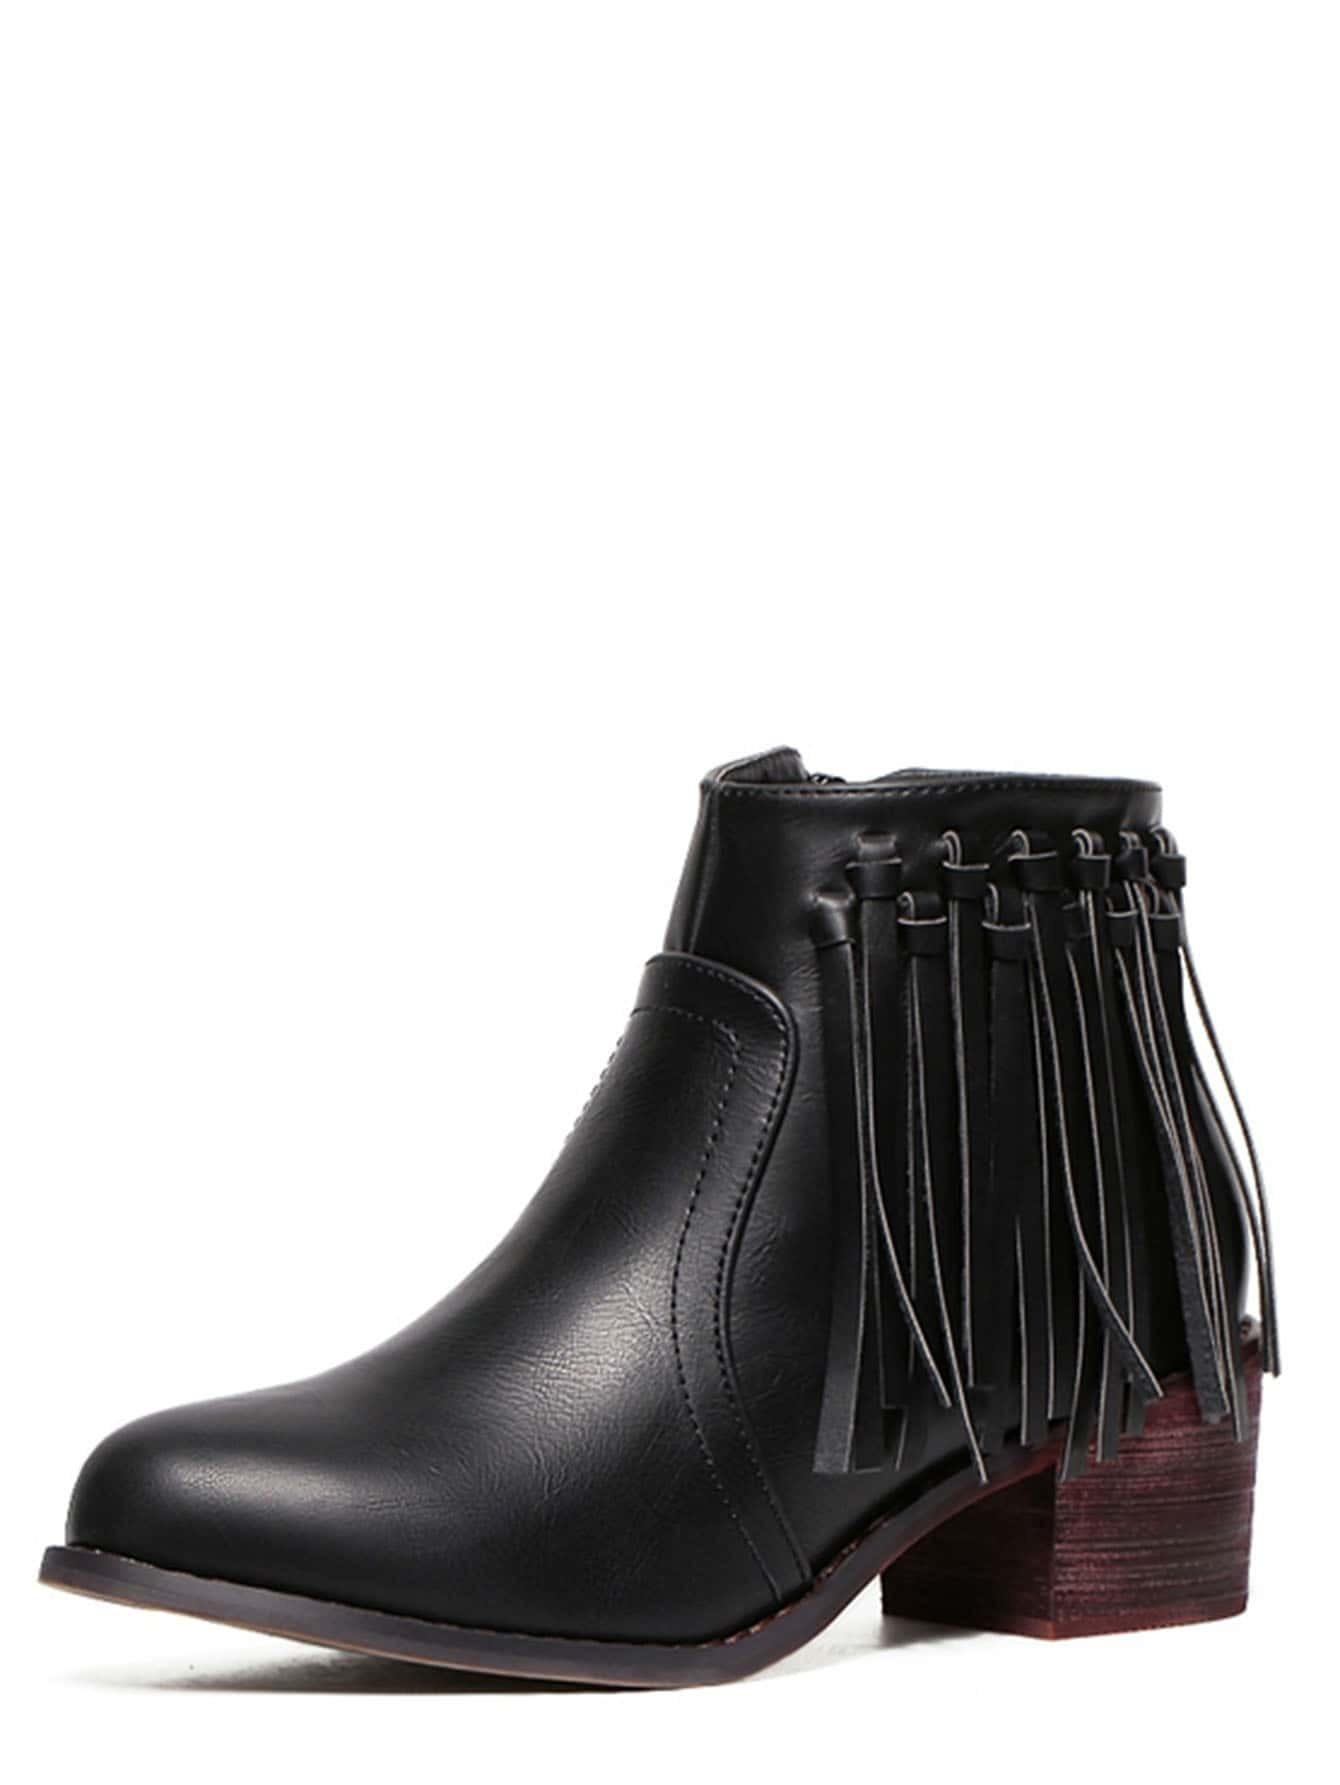 shoes160825810_2